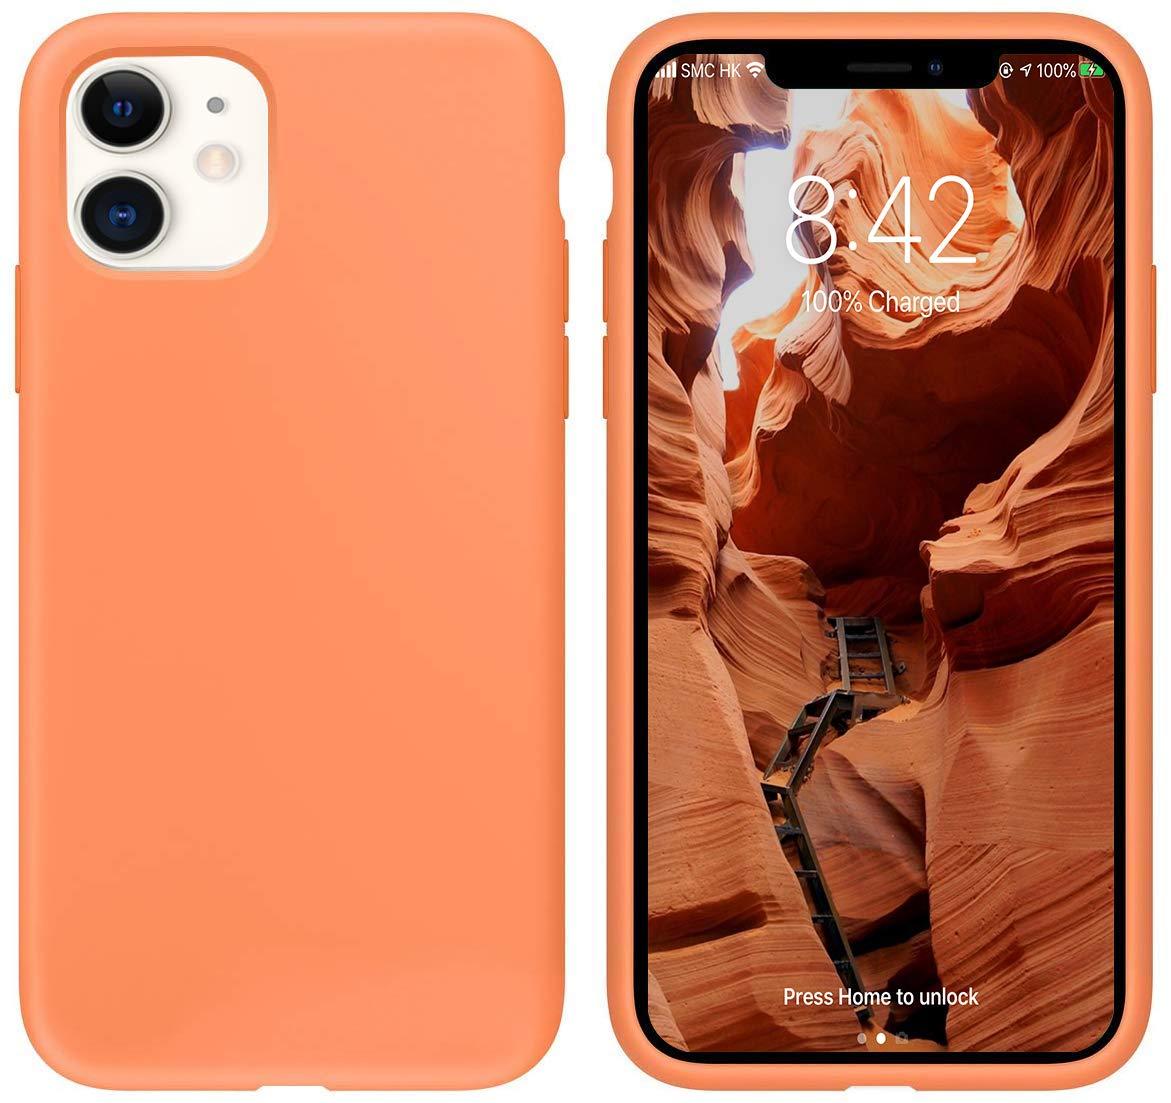 """IceSword iPhone 11 Case, Orange iPhone 11 Silicone Case, Gel Rubber Full Body, iPhone 11 Cute iPhone 11 case, Soft Microfiber Cloth, 6.1"""" iPhone 11 case Silicone, iPhone 11 case Cute - Orange"""